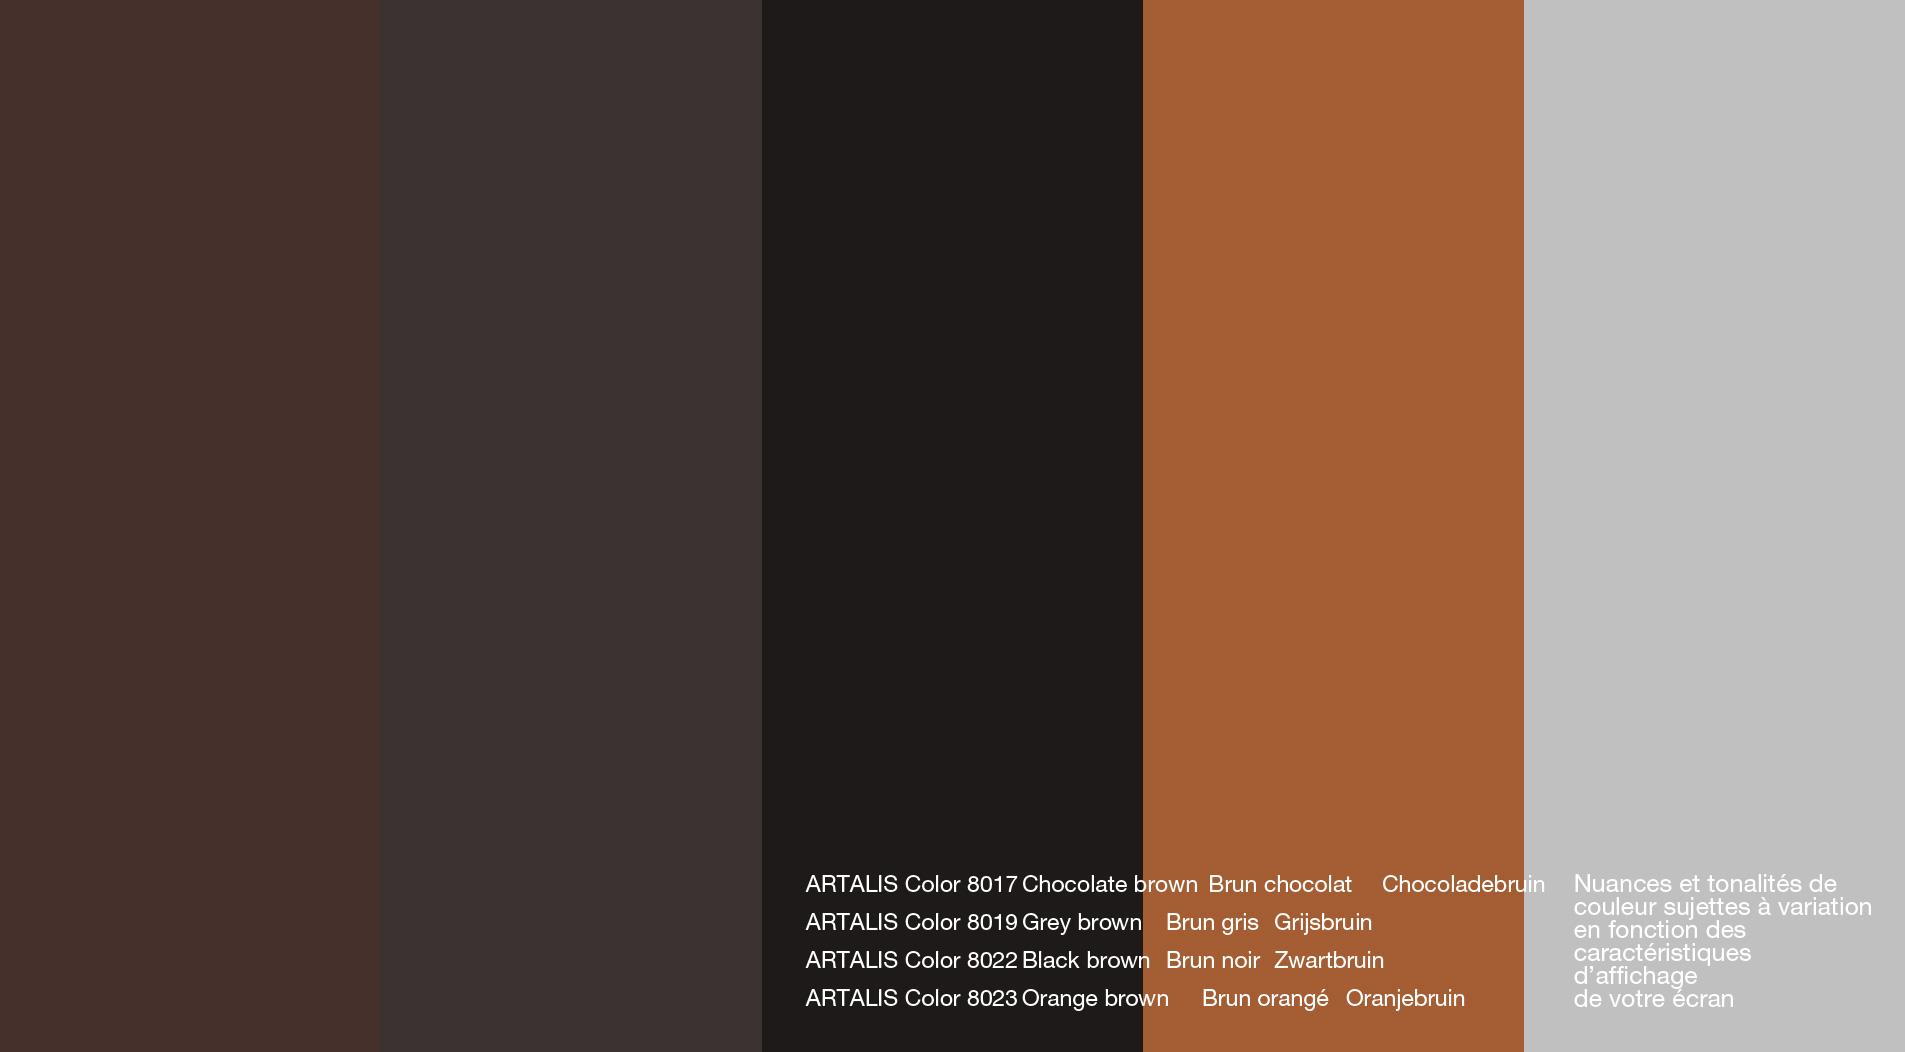 Nuancier Couleur Chocolat en ce qui concerne coloris artalis - artalis enduits mortex